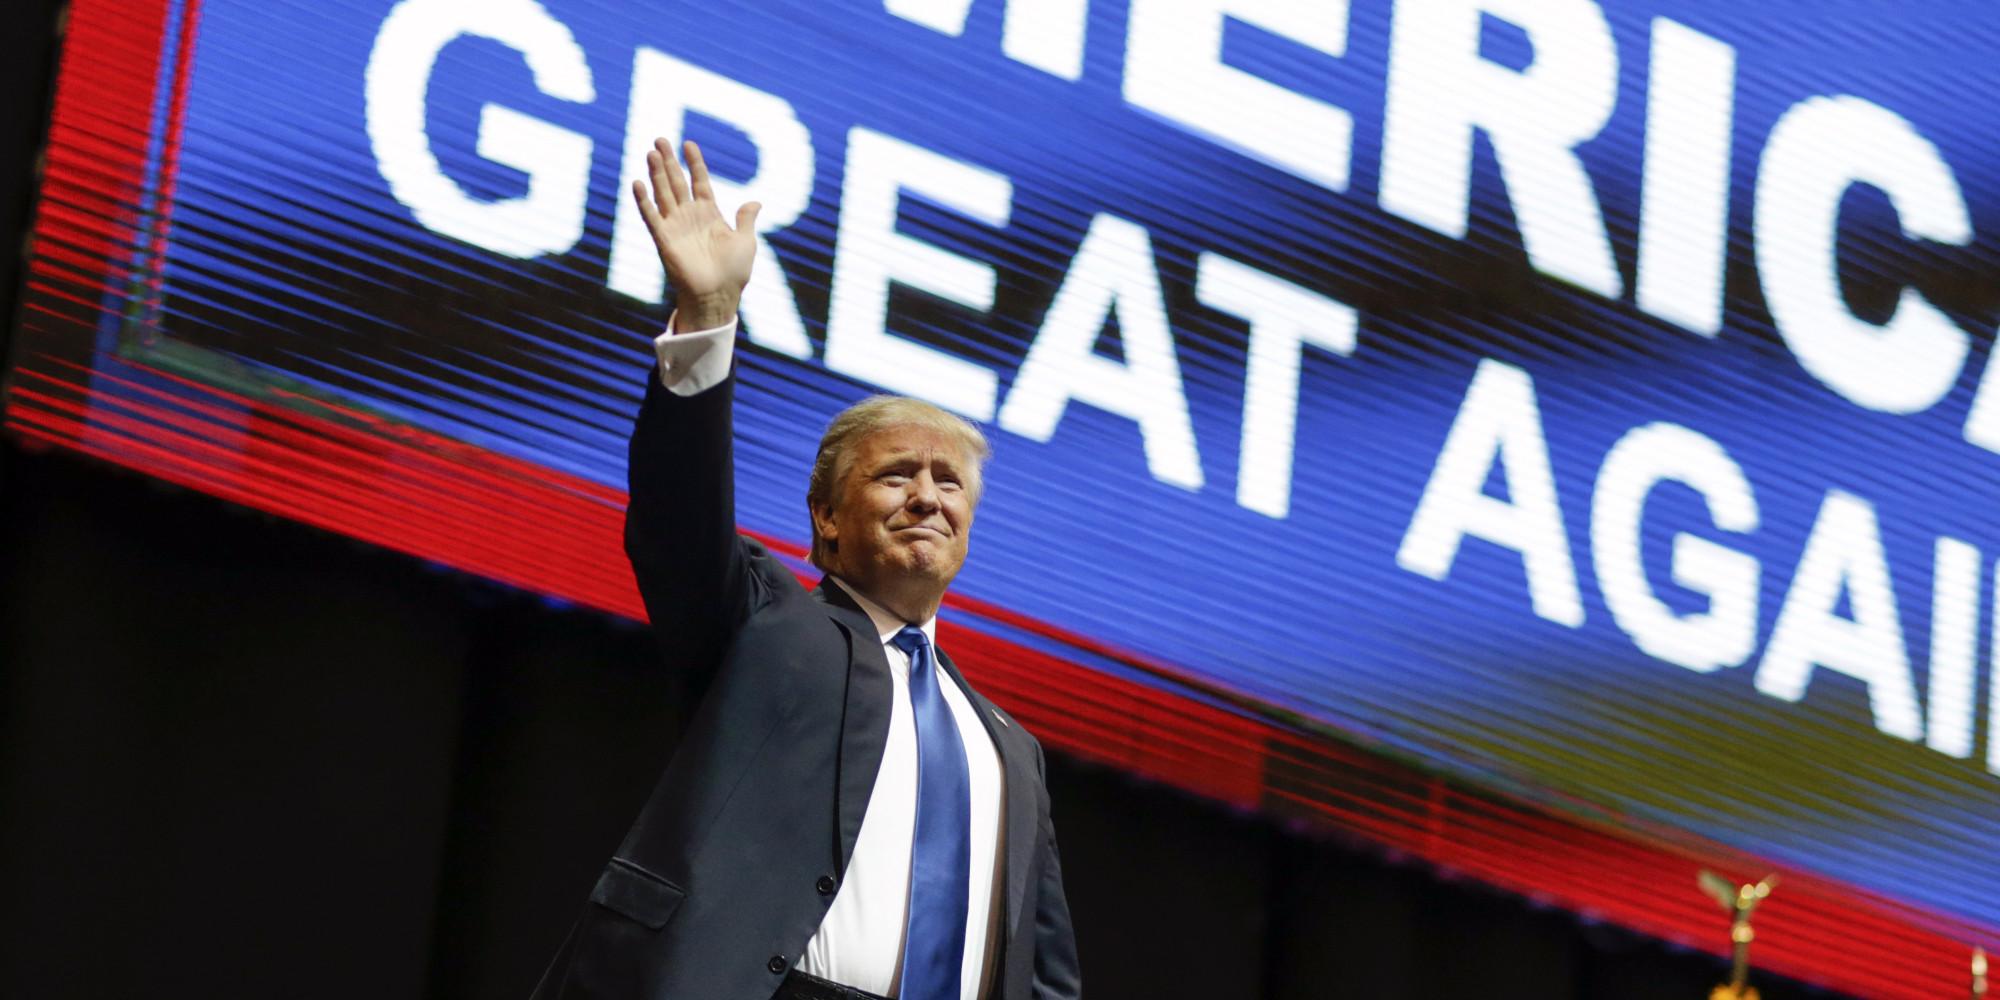 米大統領選で浮かび上がった「格差」と「政治言語」問題 | 新潮社フォーサイト